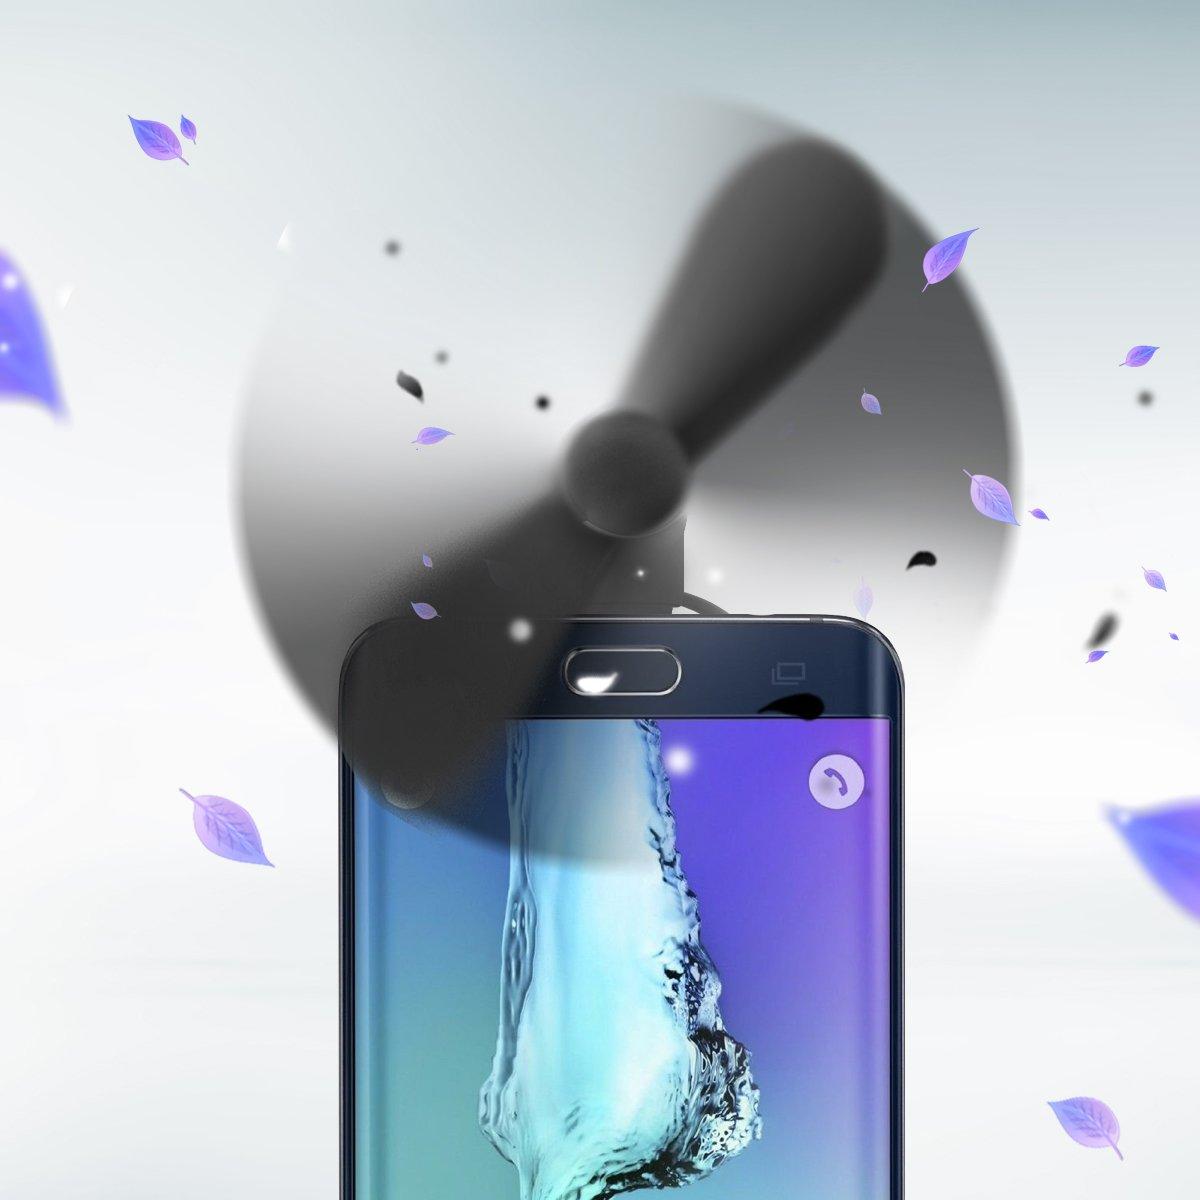 Noir Ubegood Mini Cooling Ventilateur Universal 2 in 1 Mini portable USB /électrique Ventilateur pour iPhone et Android Smartphones